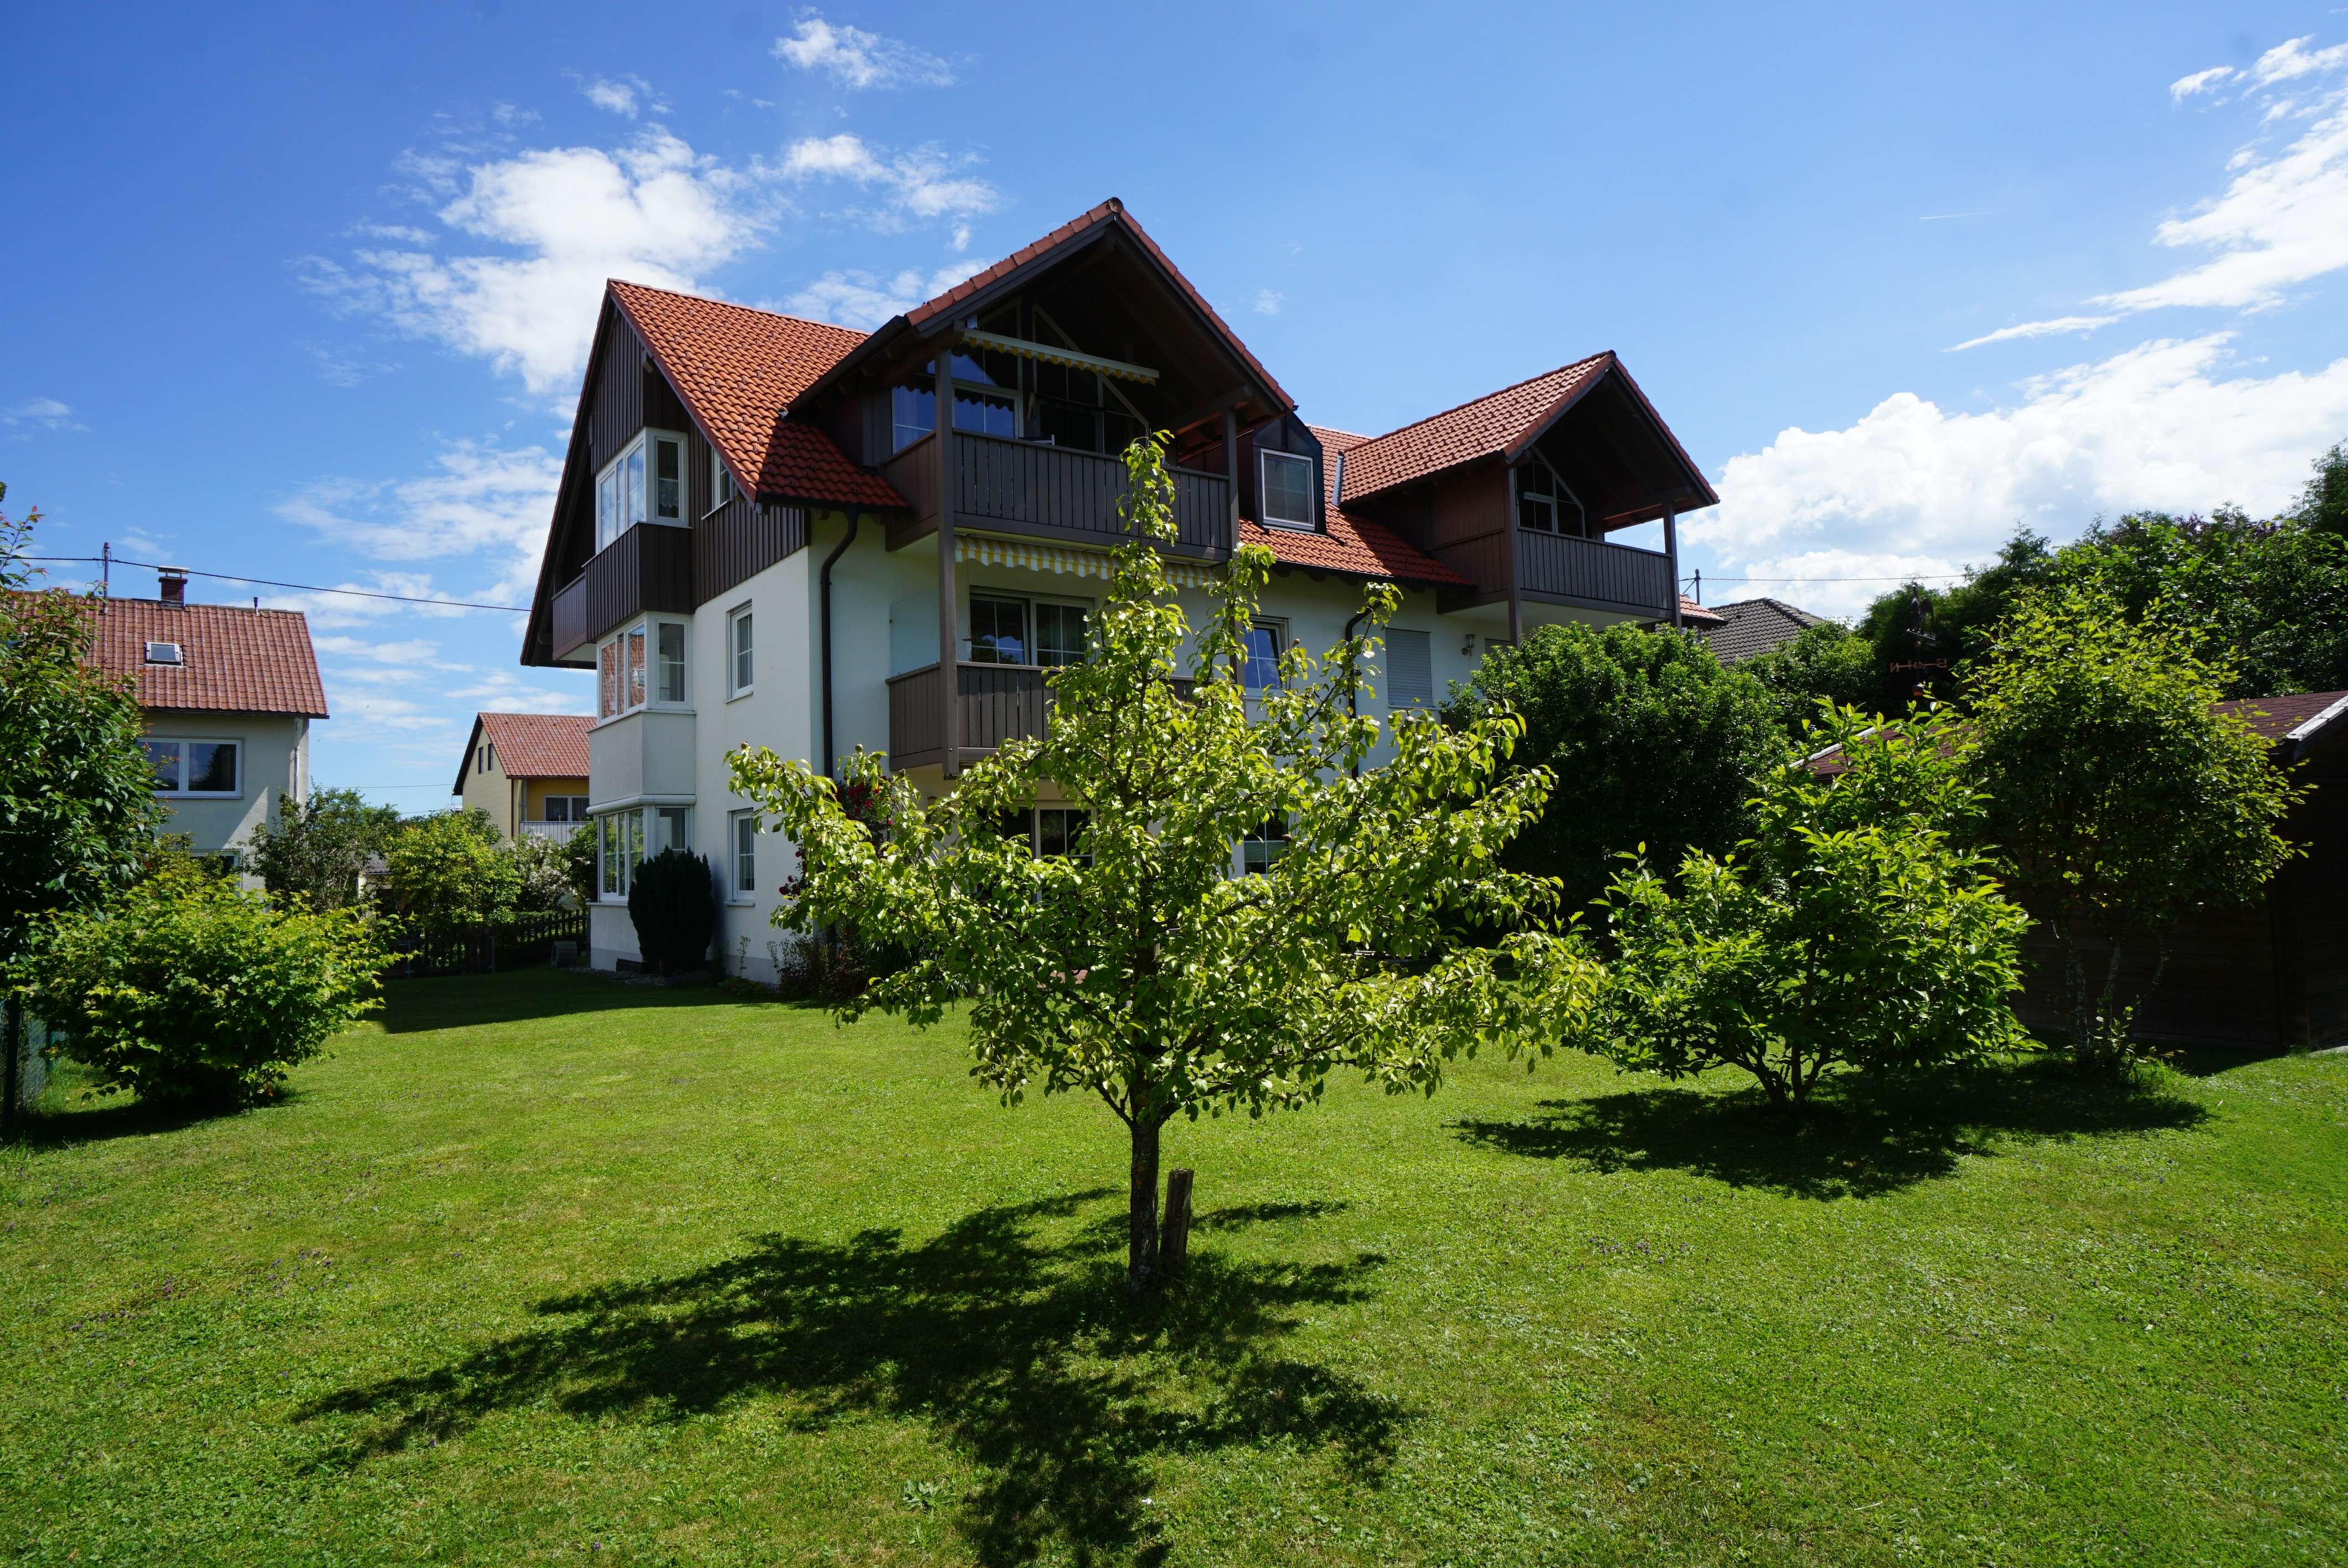 RESERVIERT - Schöne, helle 2-Zimmer-Dachgeschosswohnung mit 2 Balkonen, Einbauküche, TG-Stellplatz in